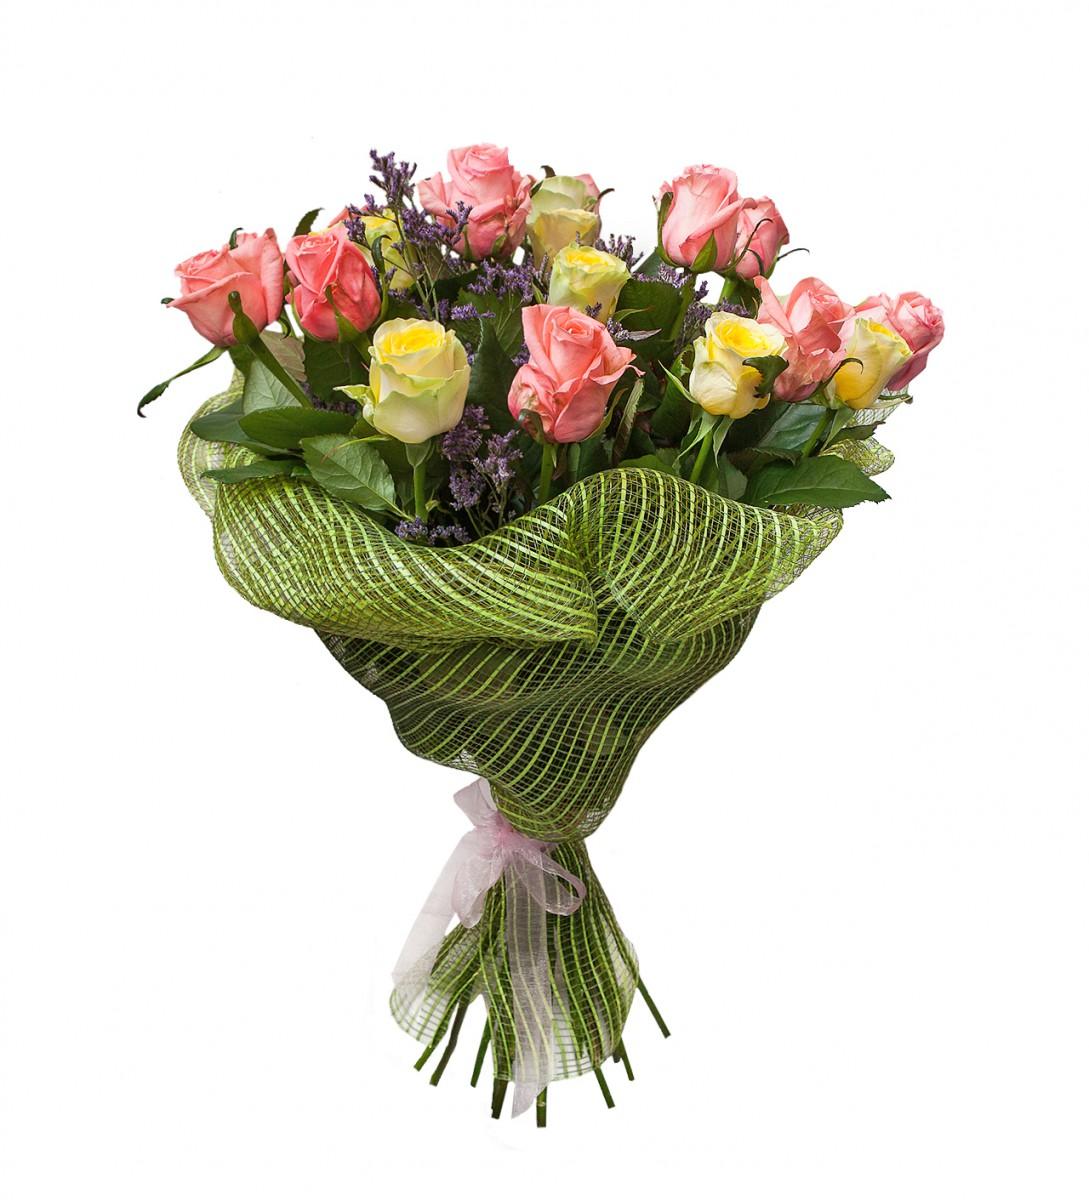 Оформление букета флористической сеткой, цветов дзержинске